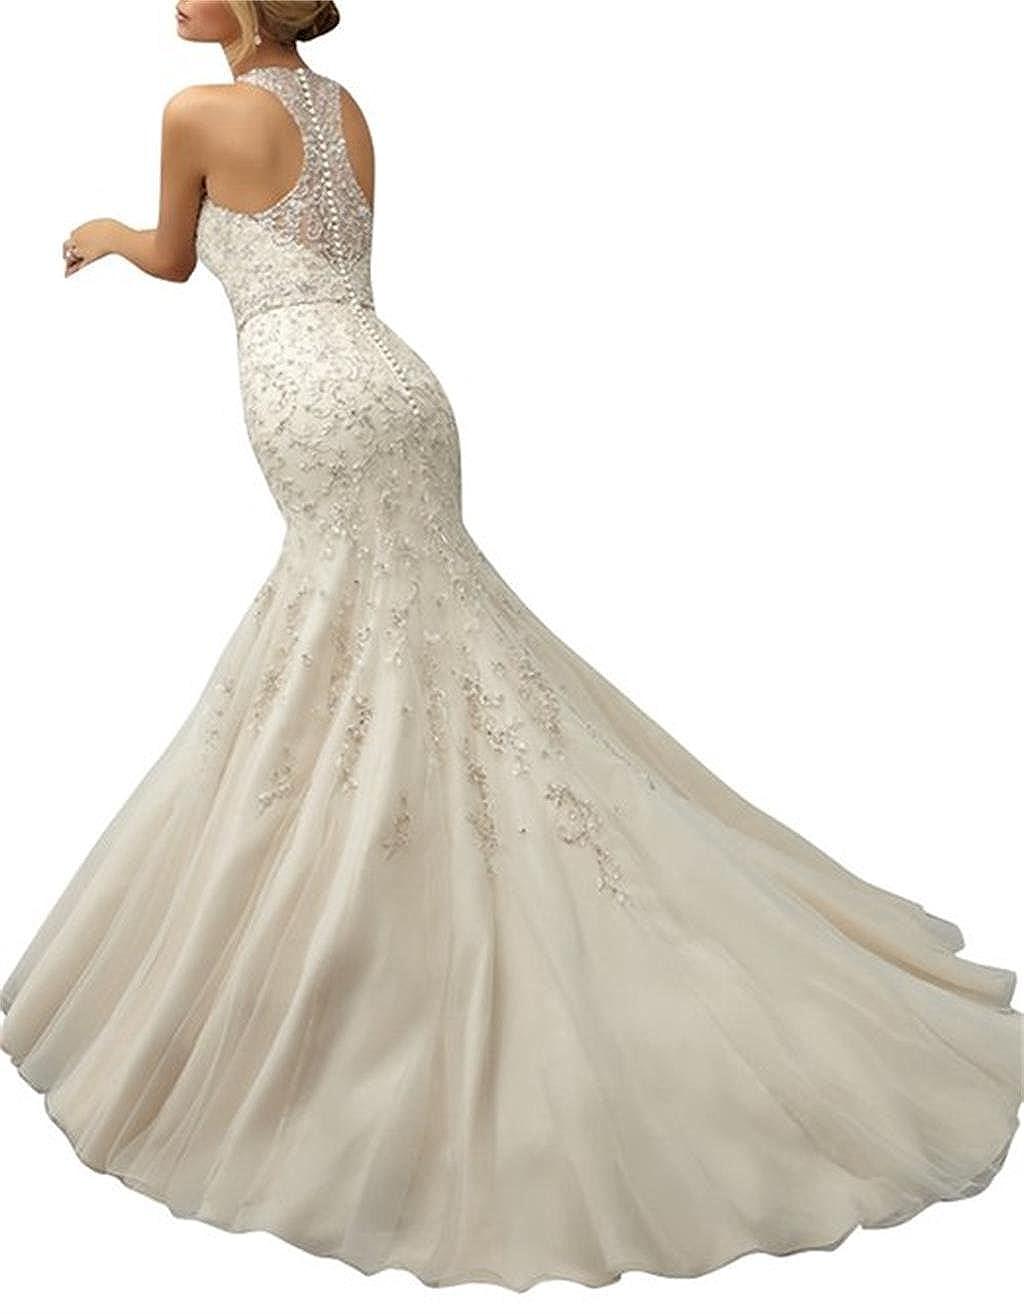 LYDIAGS - Vestido de novia - corte imperio - Sin mangas - Mujer Blanco blanco 36: Amazon.es: Ropa y accesorios